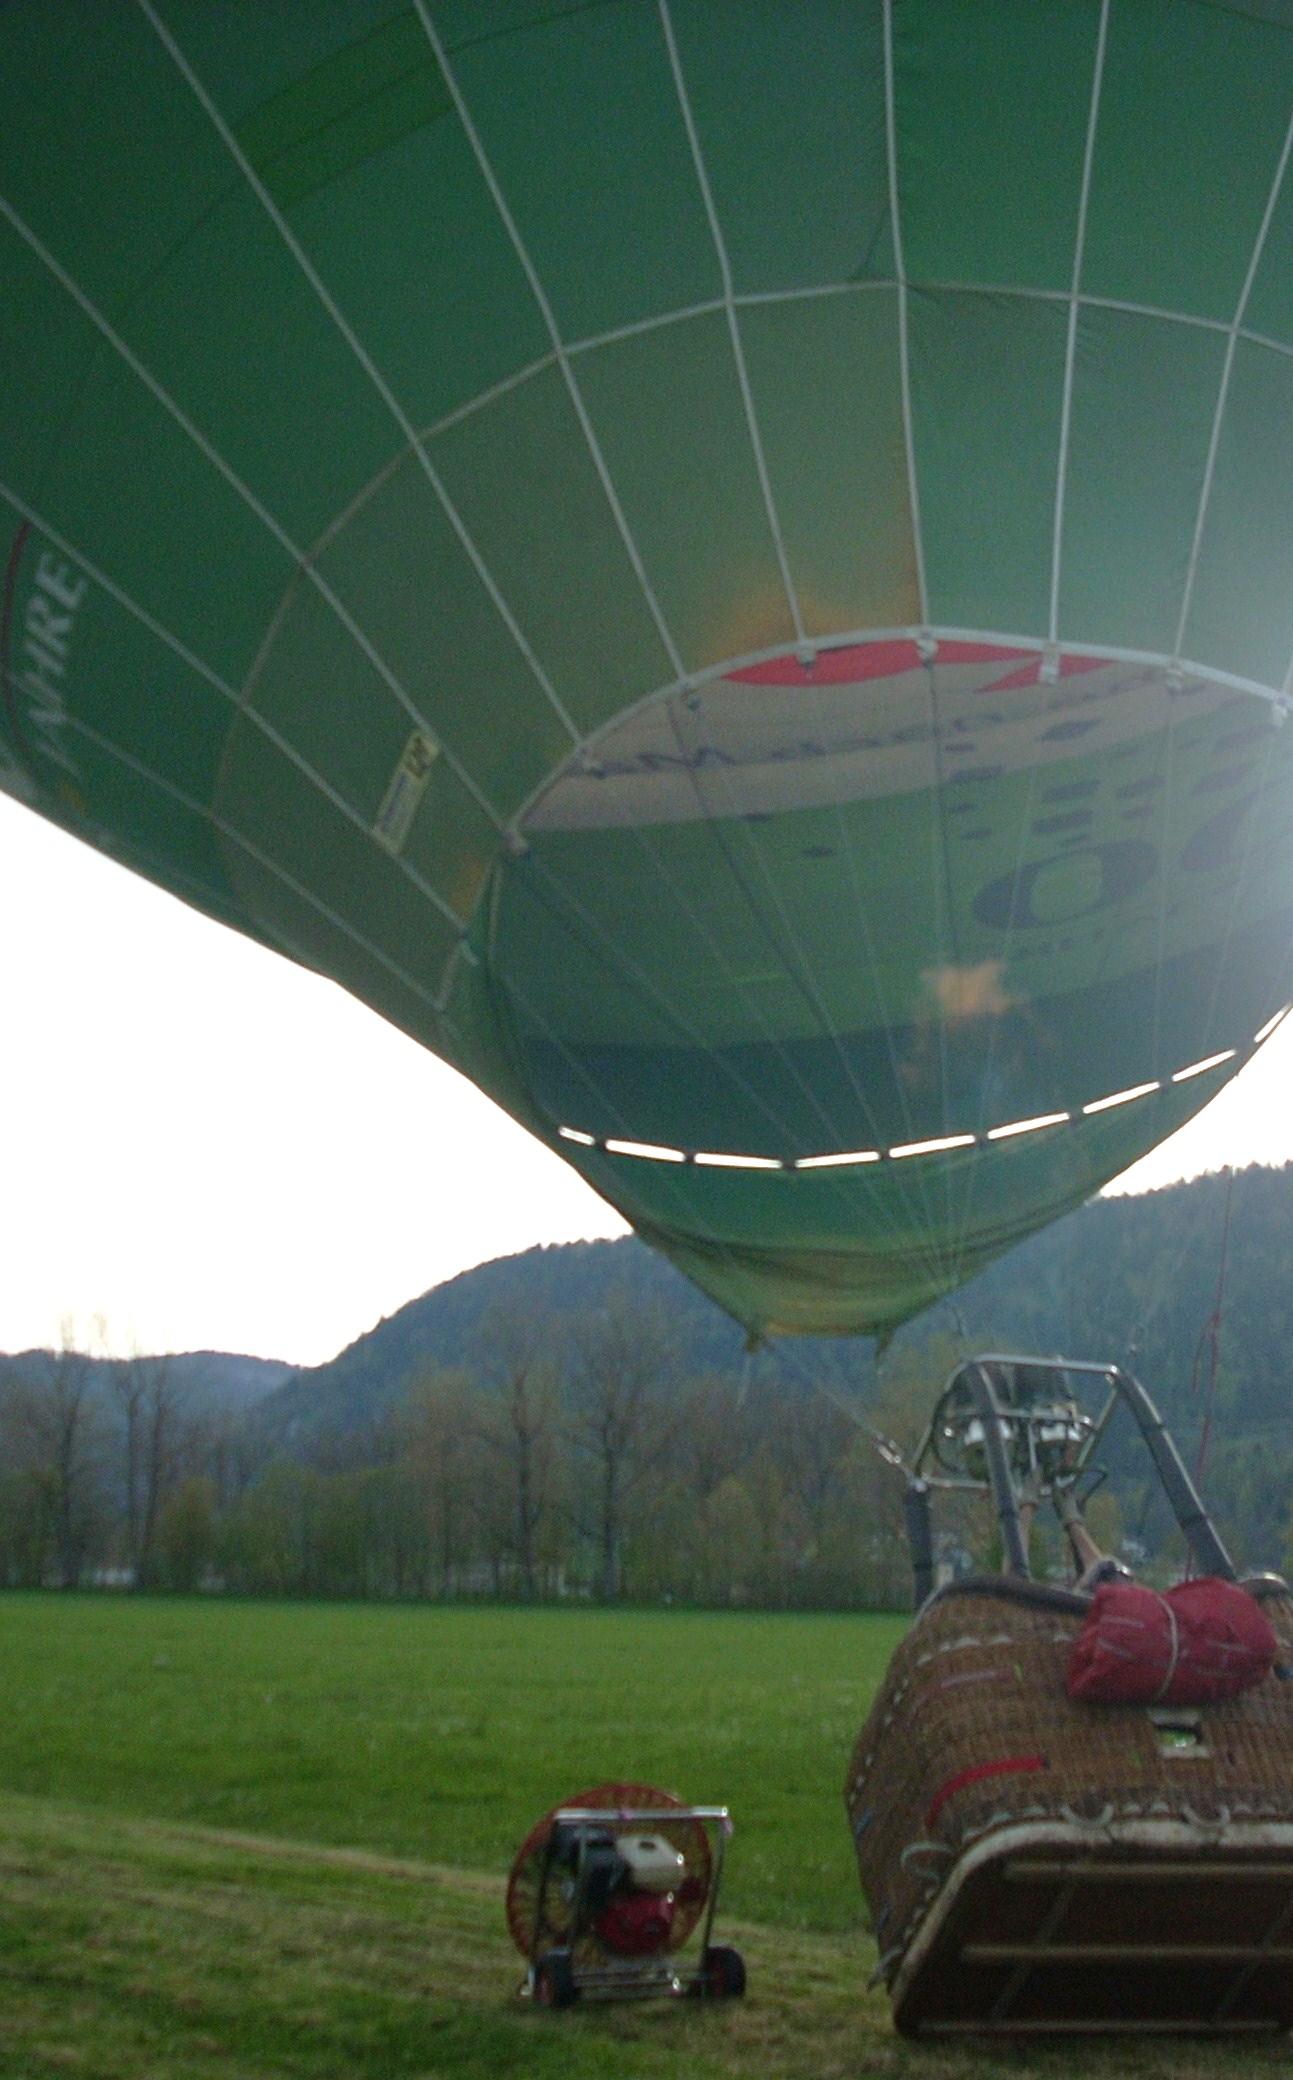 Le gonflage du balon